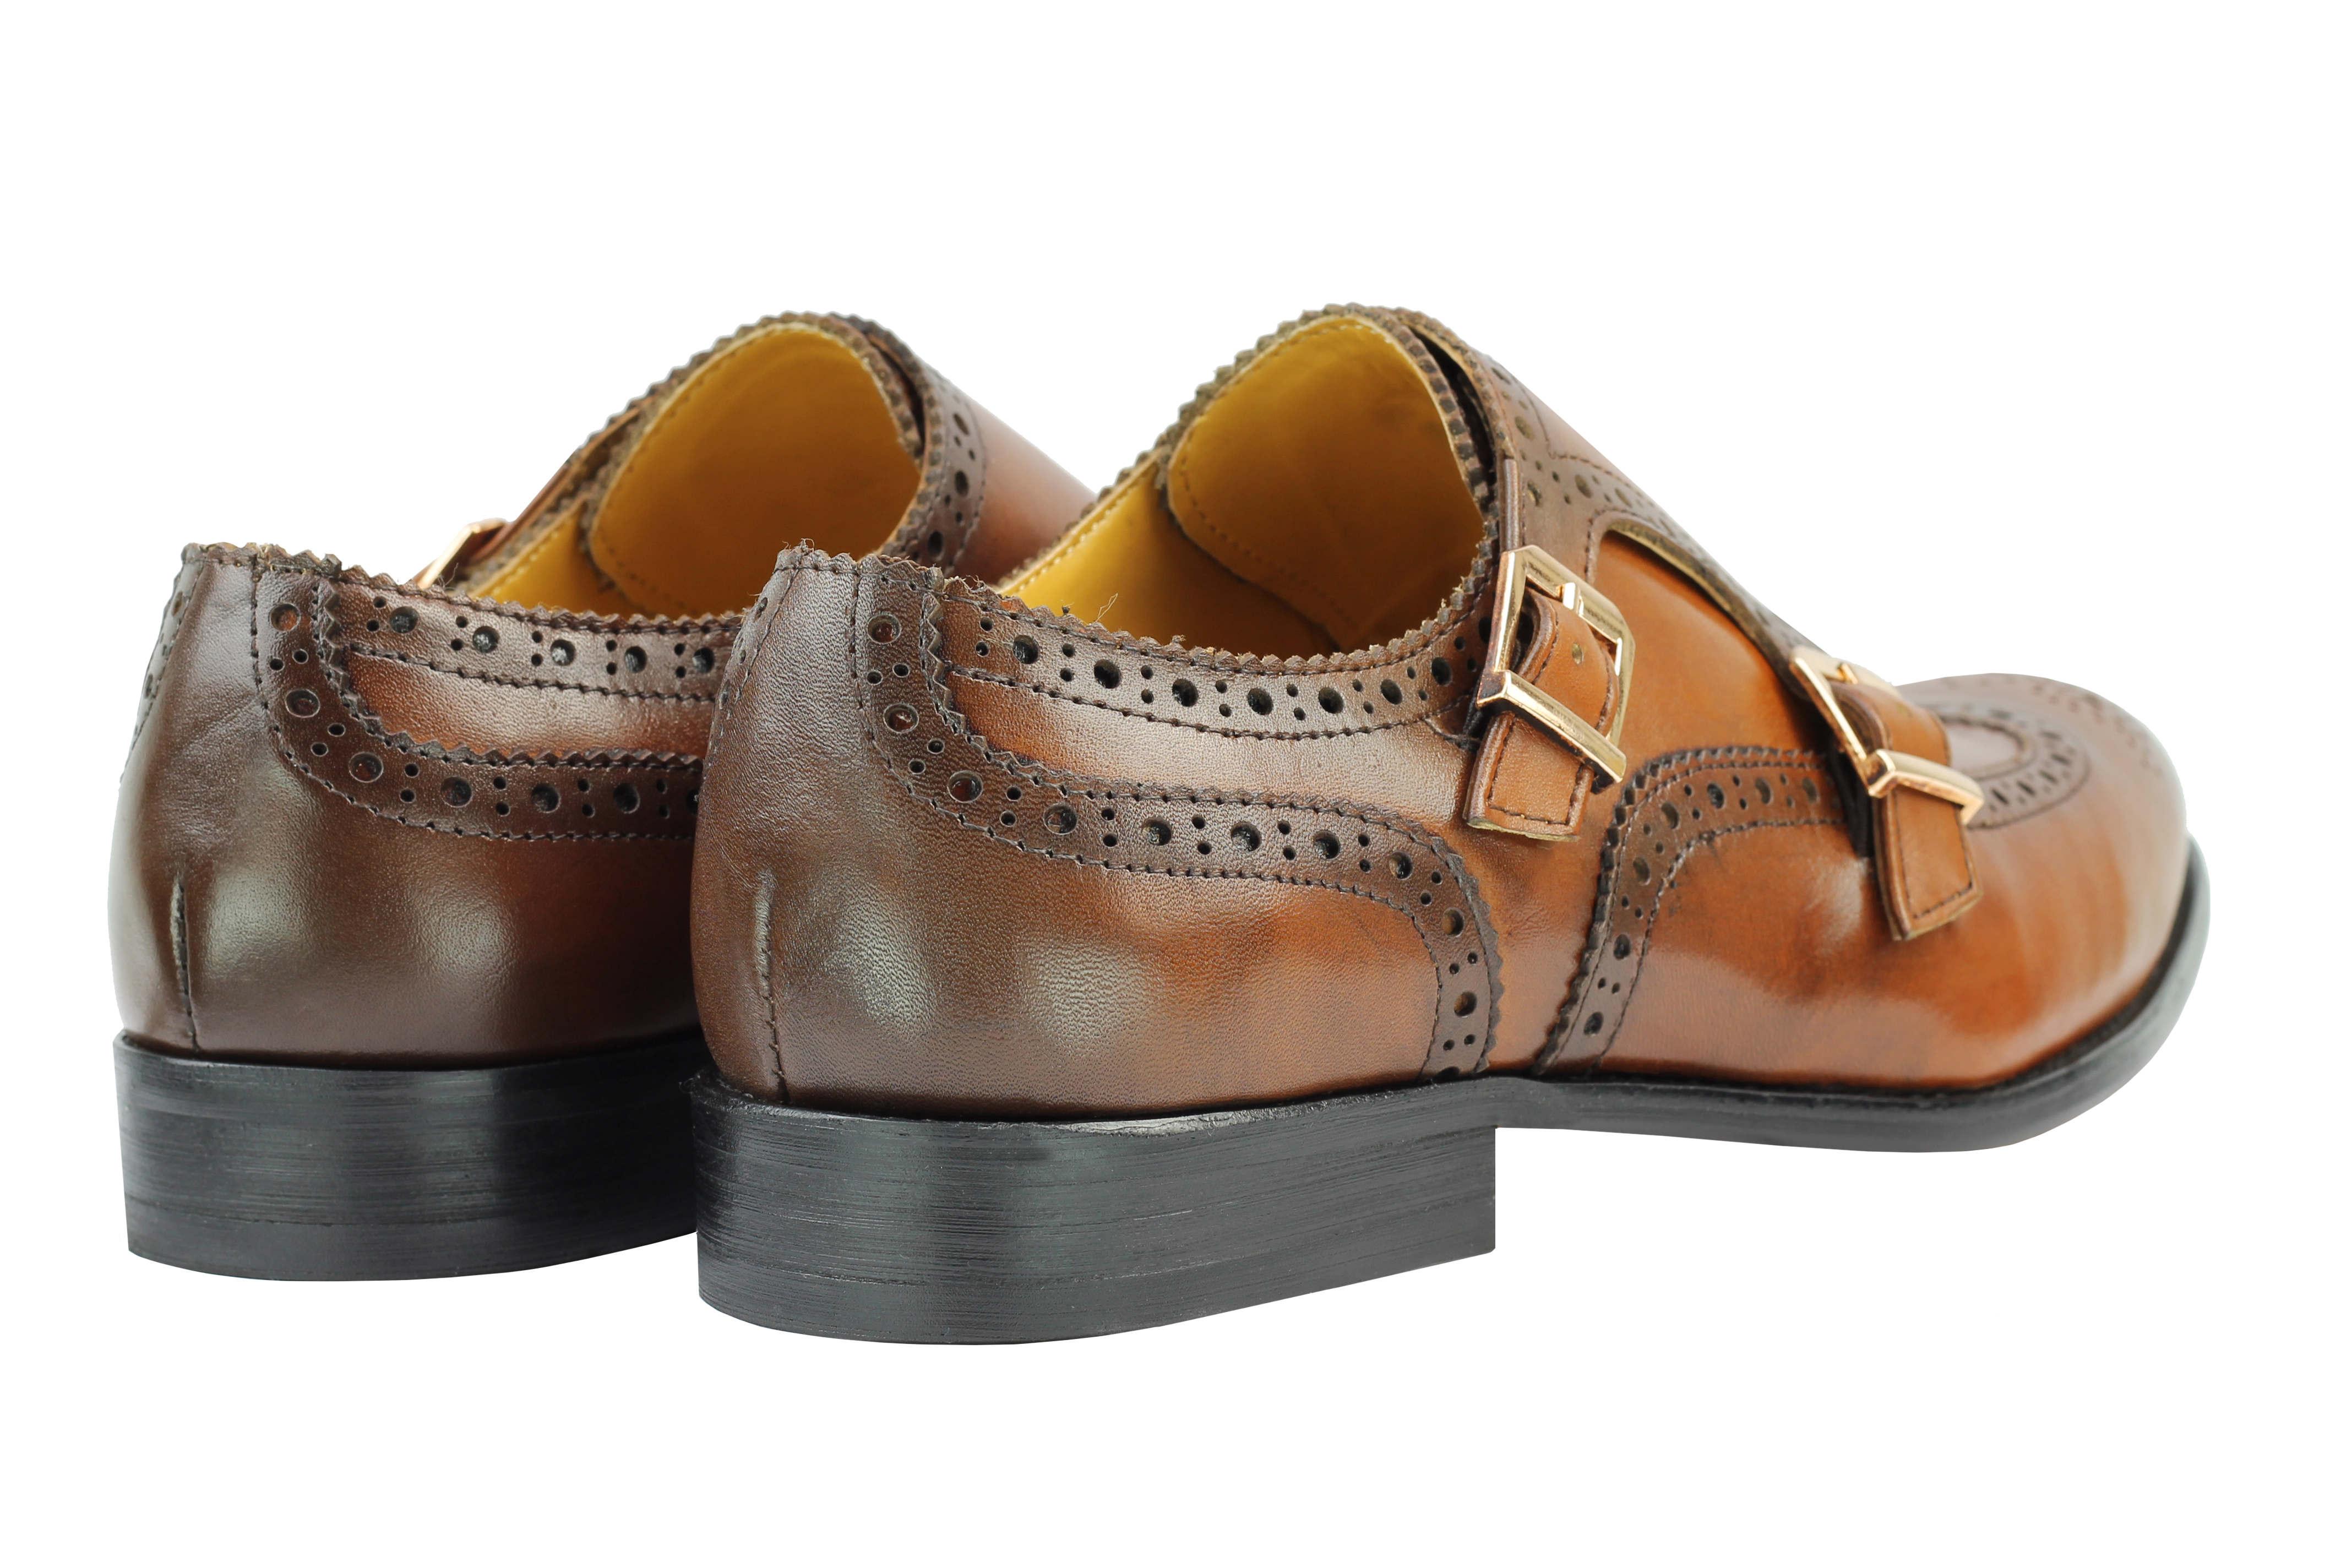 Vintage-pour-homme-Noir-Marron-En-Cuir-Veritable-Richelieu-a-Moine-Chaussures-elegant-Formel-Lacet miniature 13